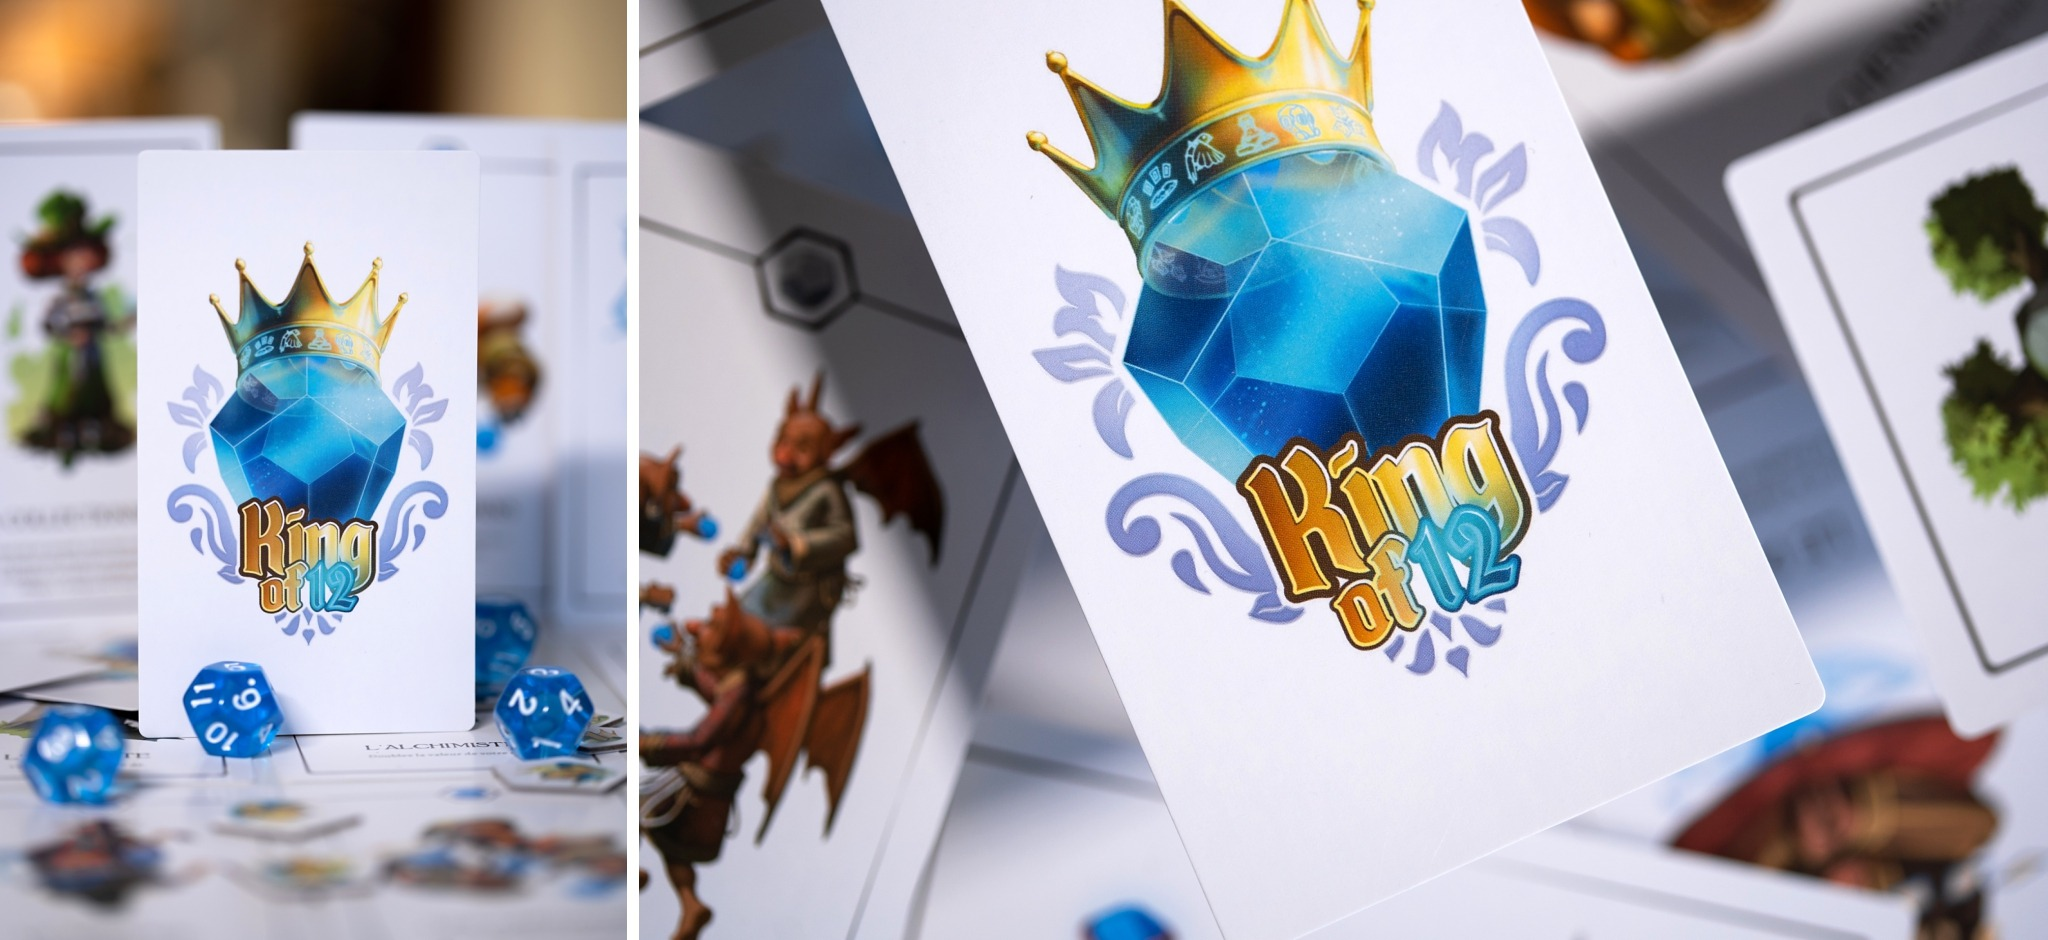 Le roi des 12 lucky duck games jeu de société king of 12